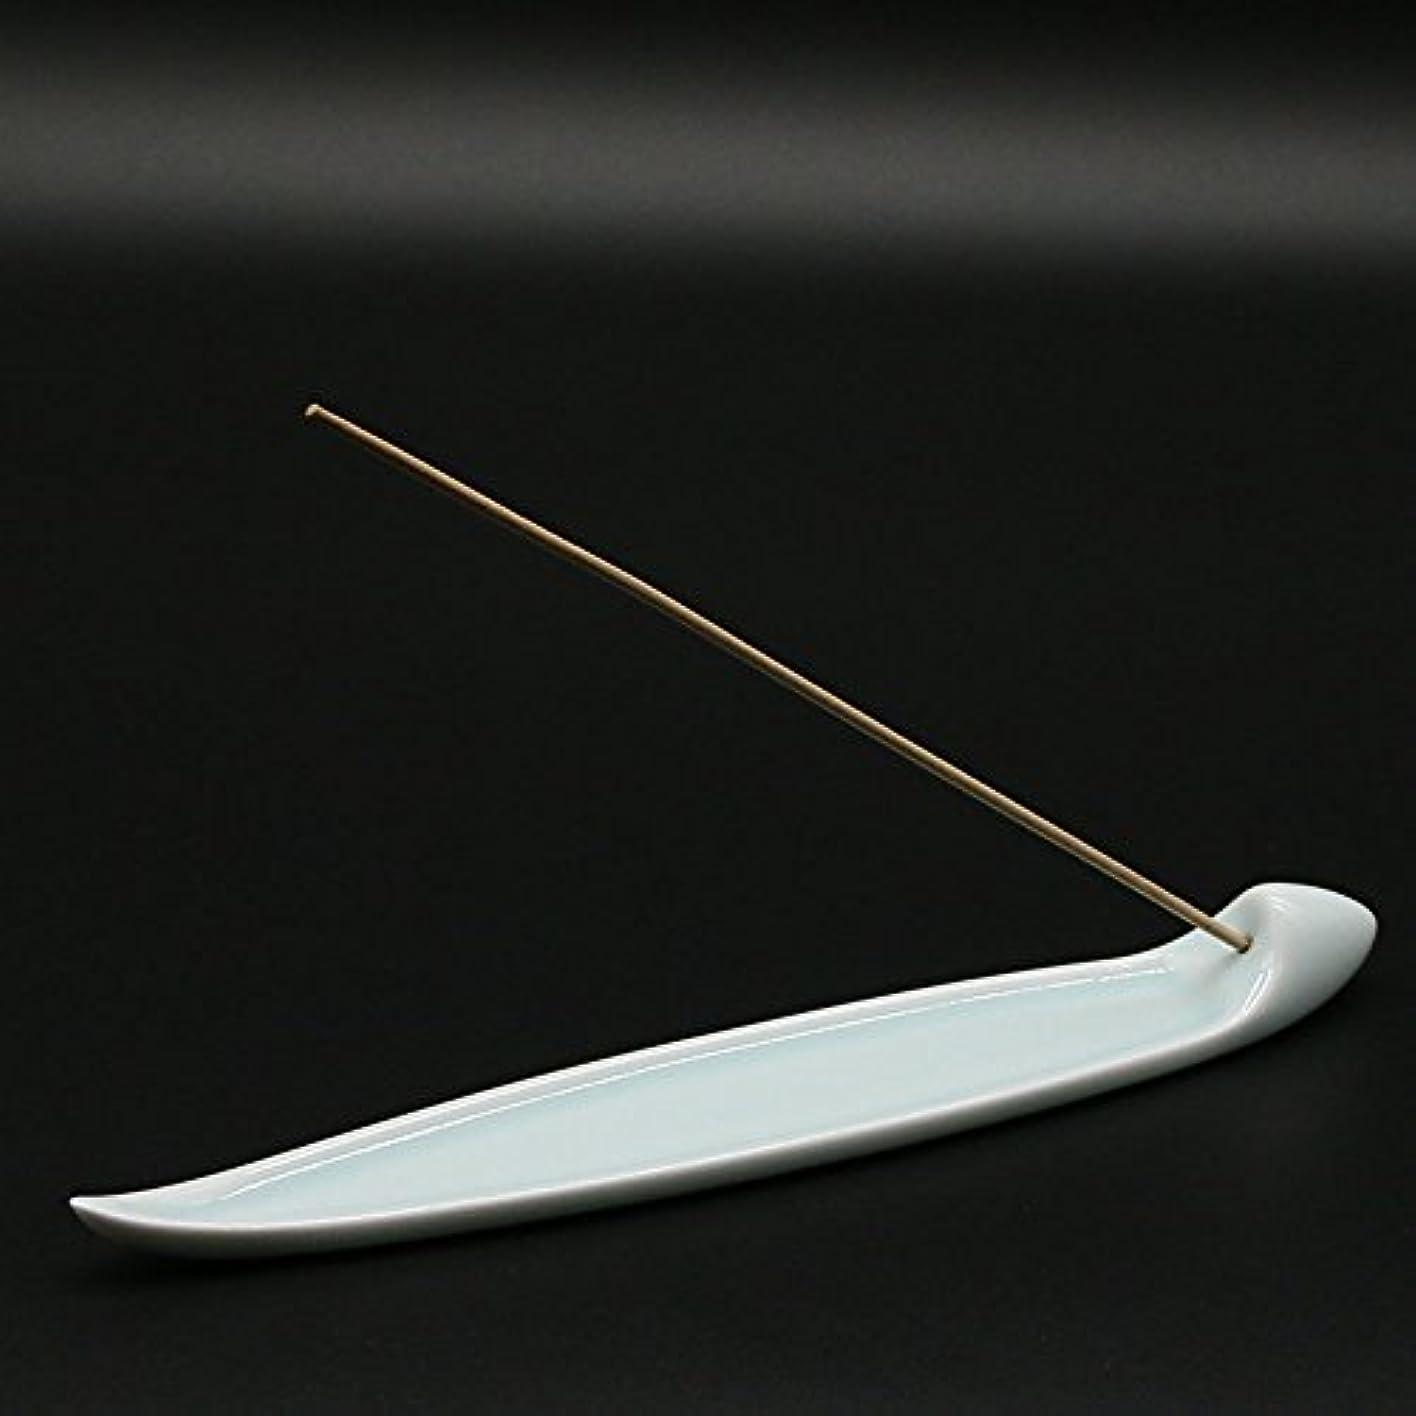 落ち着く意義パトワsynpie Stick Incense Burner holder-ru Klin 1.5 MM 2 MM 2.5 MM竹Stcik / Stick Incense Holder Incense Holder Incense...